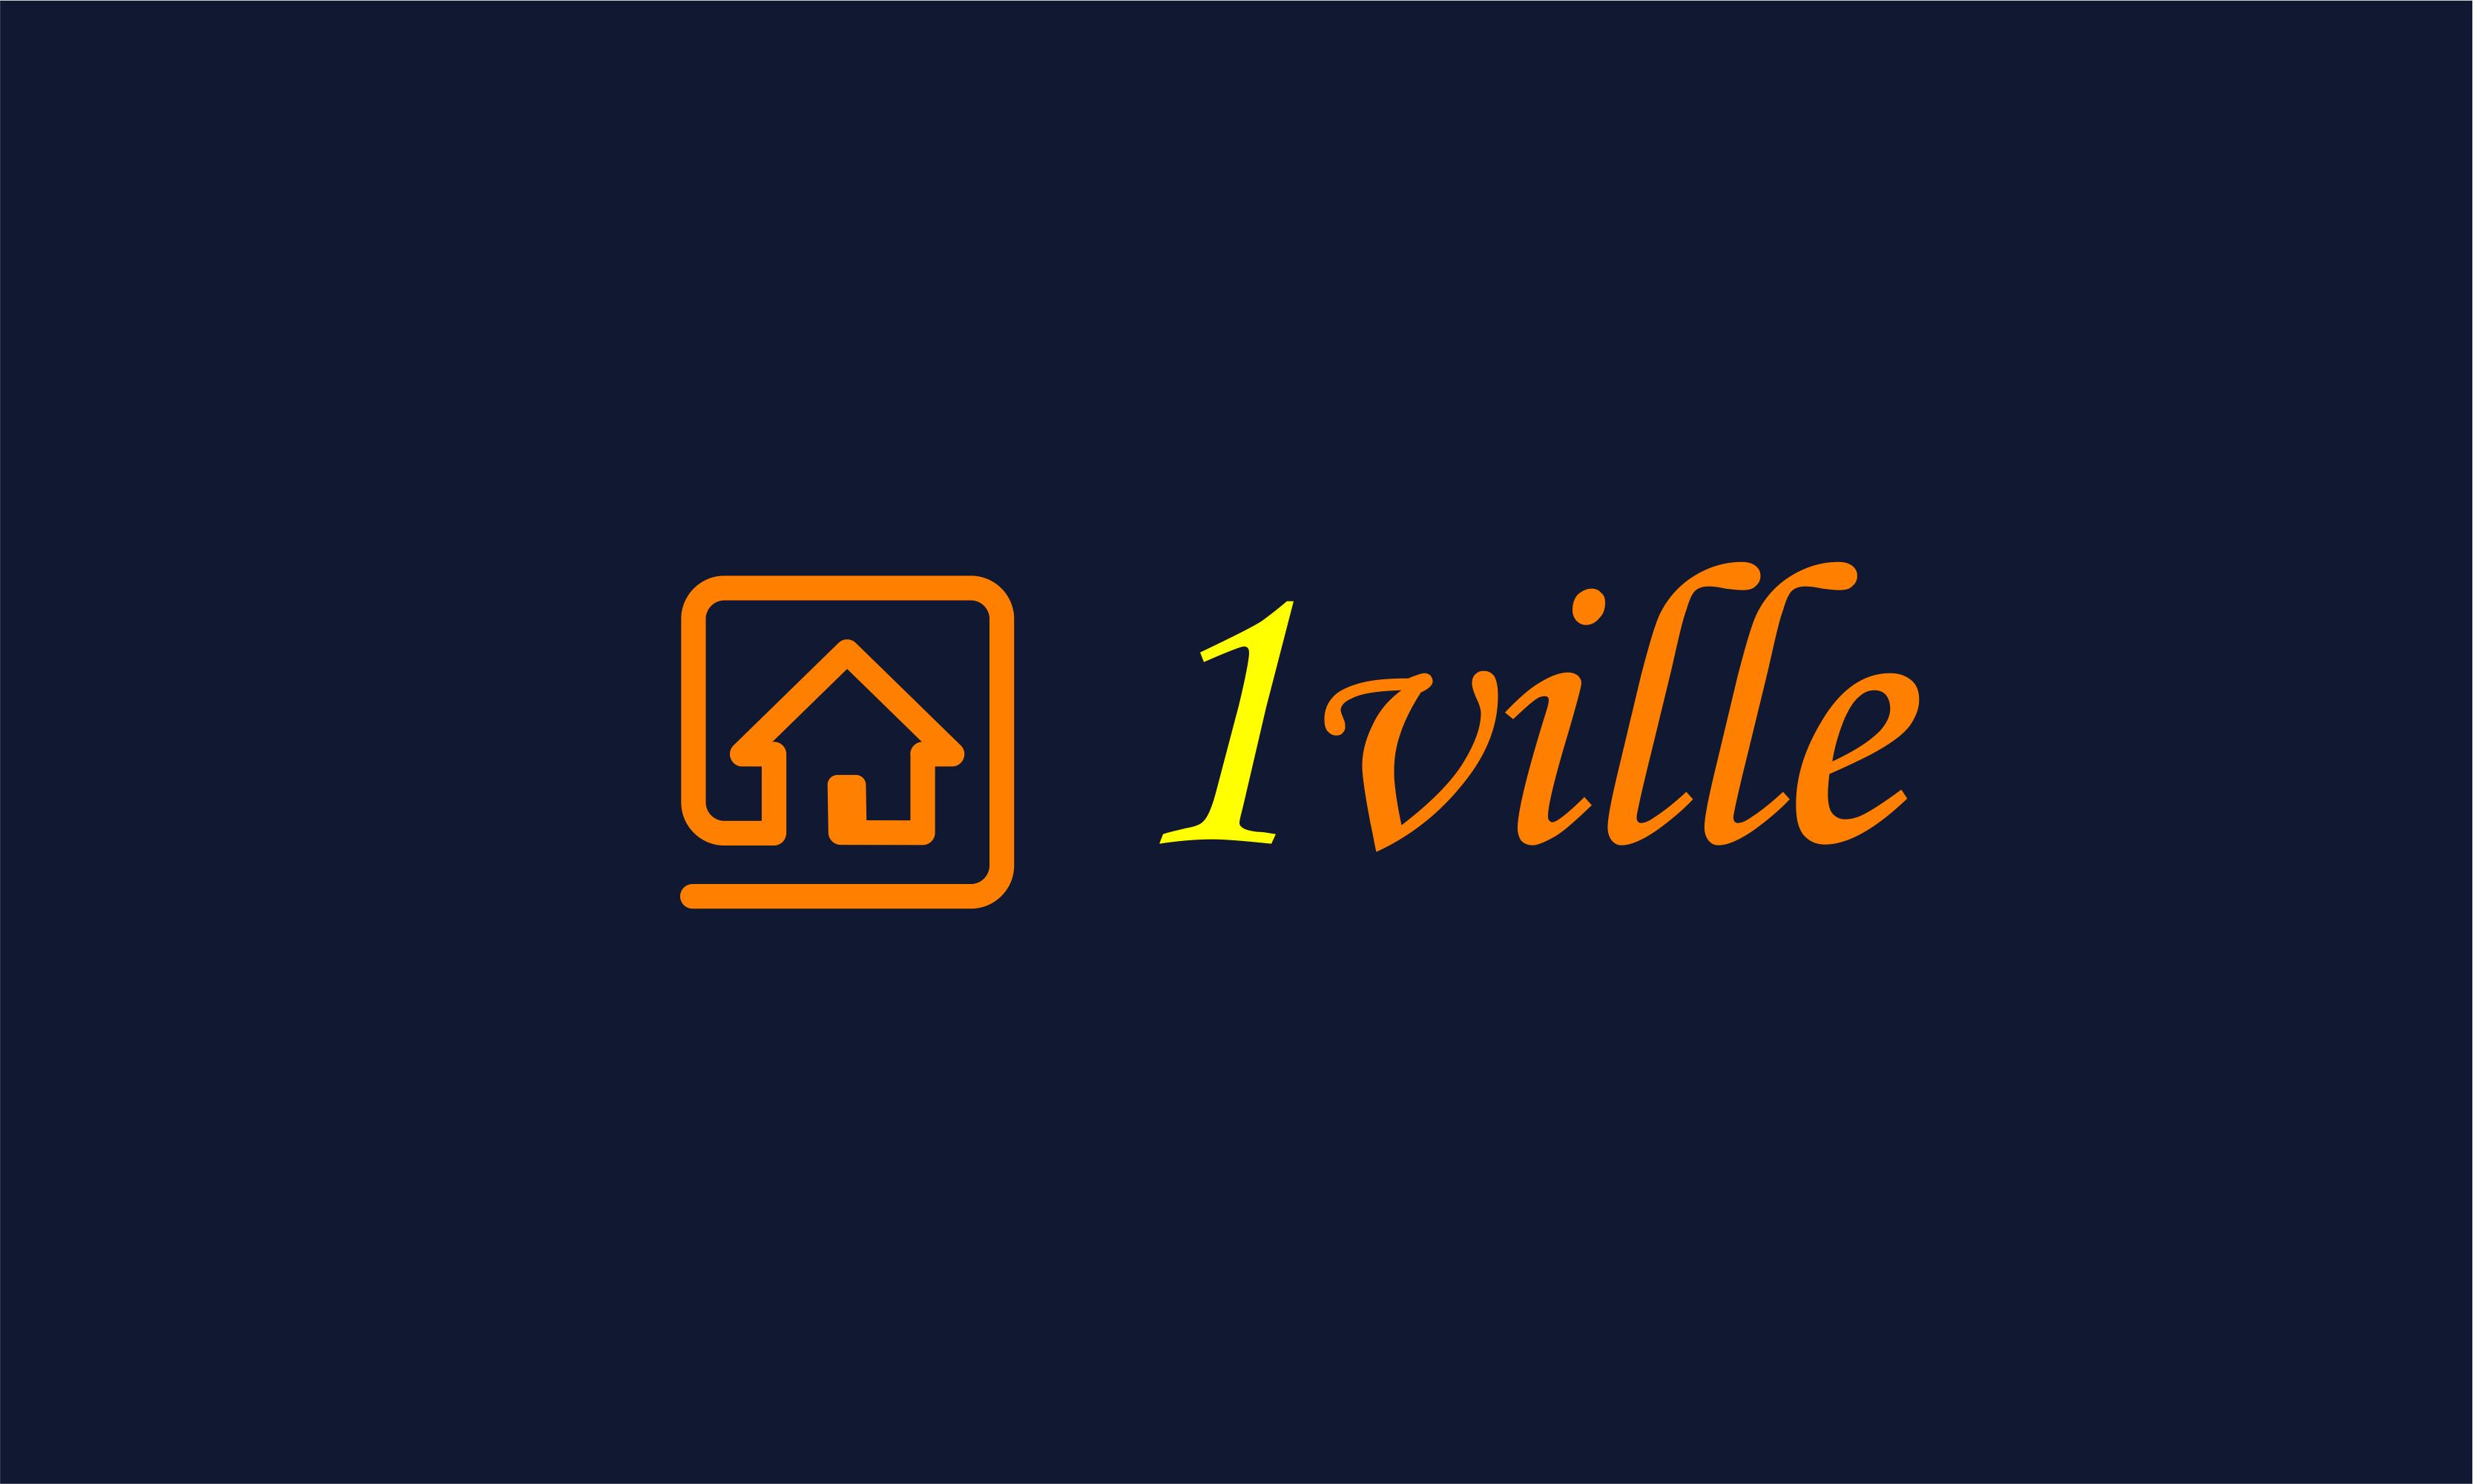 1ville